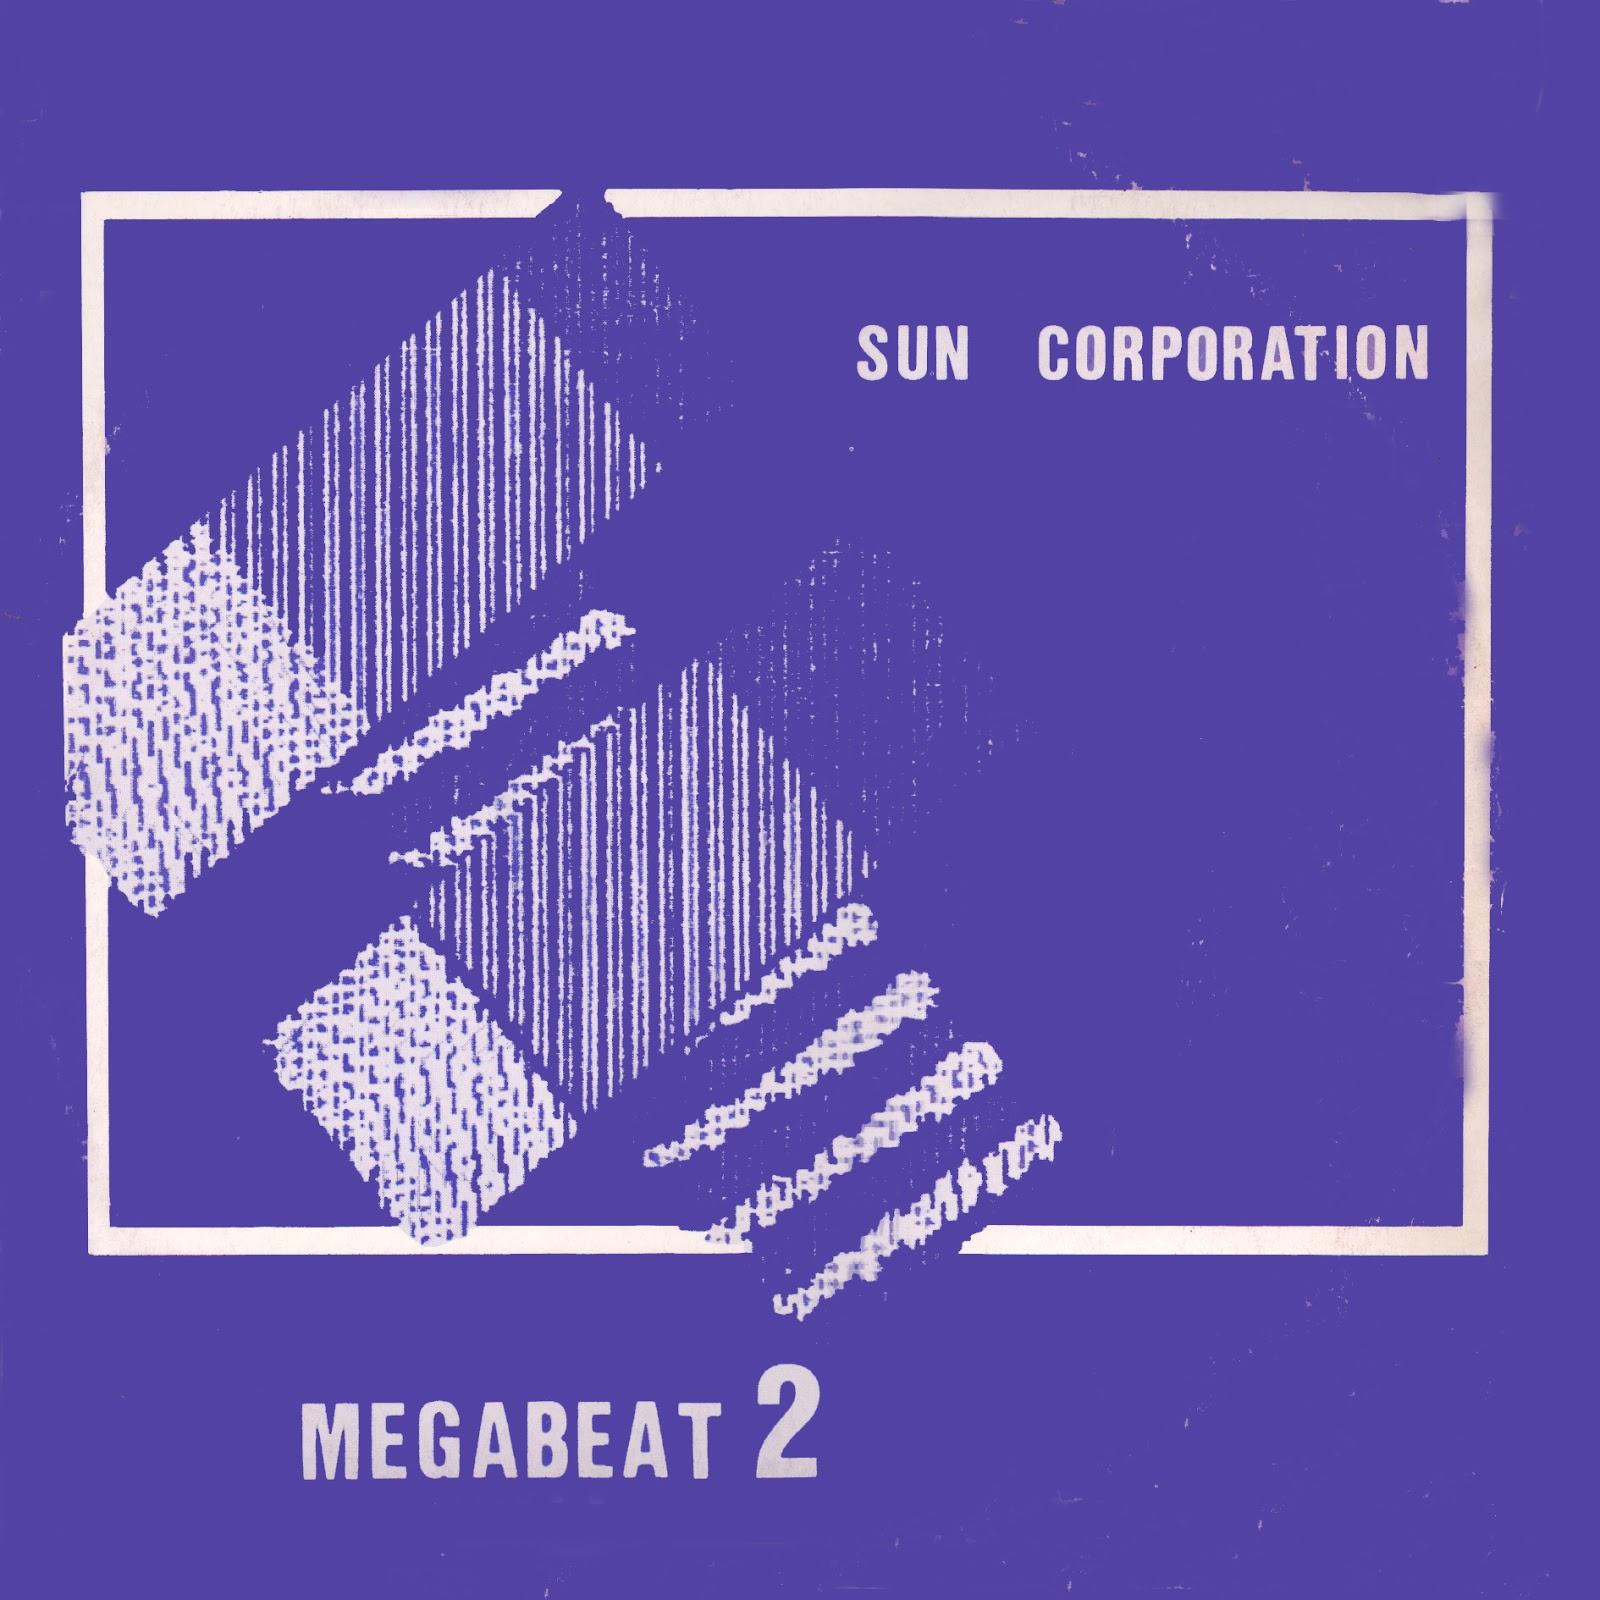 Megabeat 1&2 (1990) The+Sun+Corporation+-+Megabeat+2+a